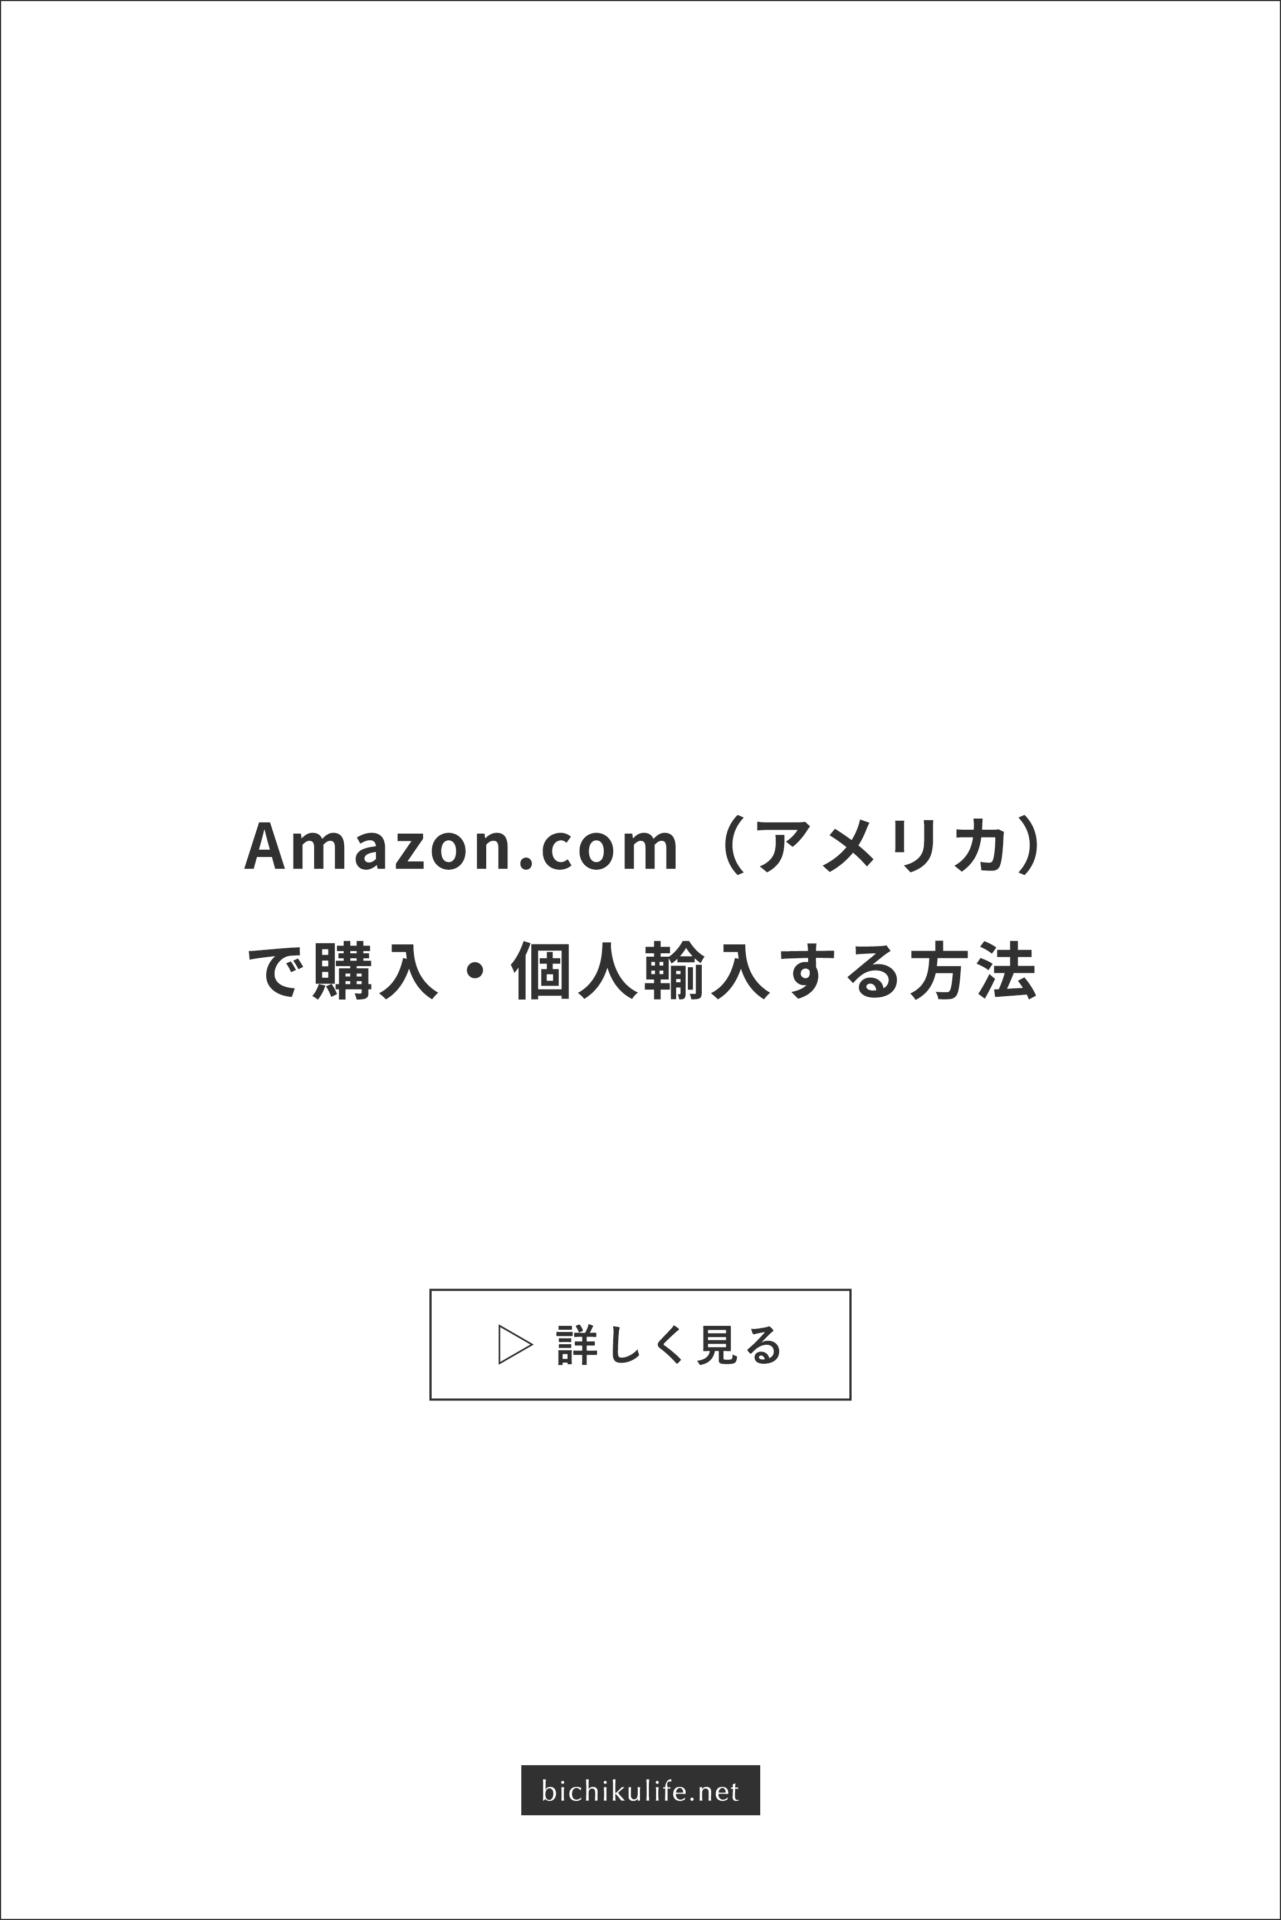 Amazon.com(アメリカ)の購入方法・個人輸入する方法